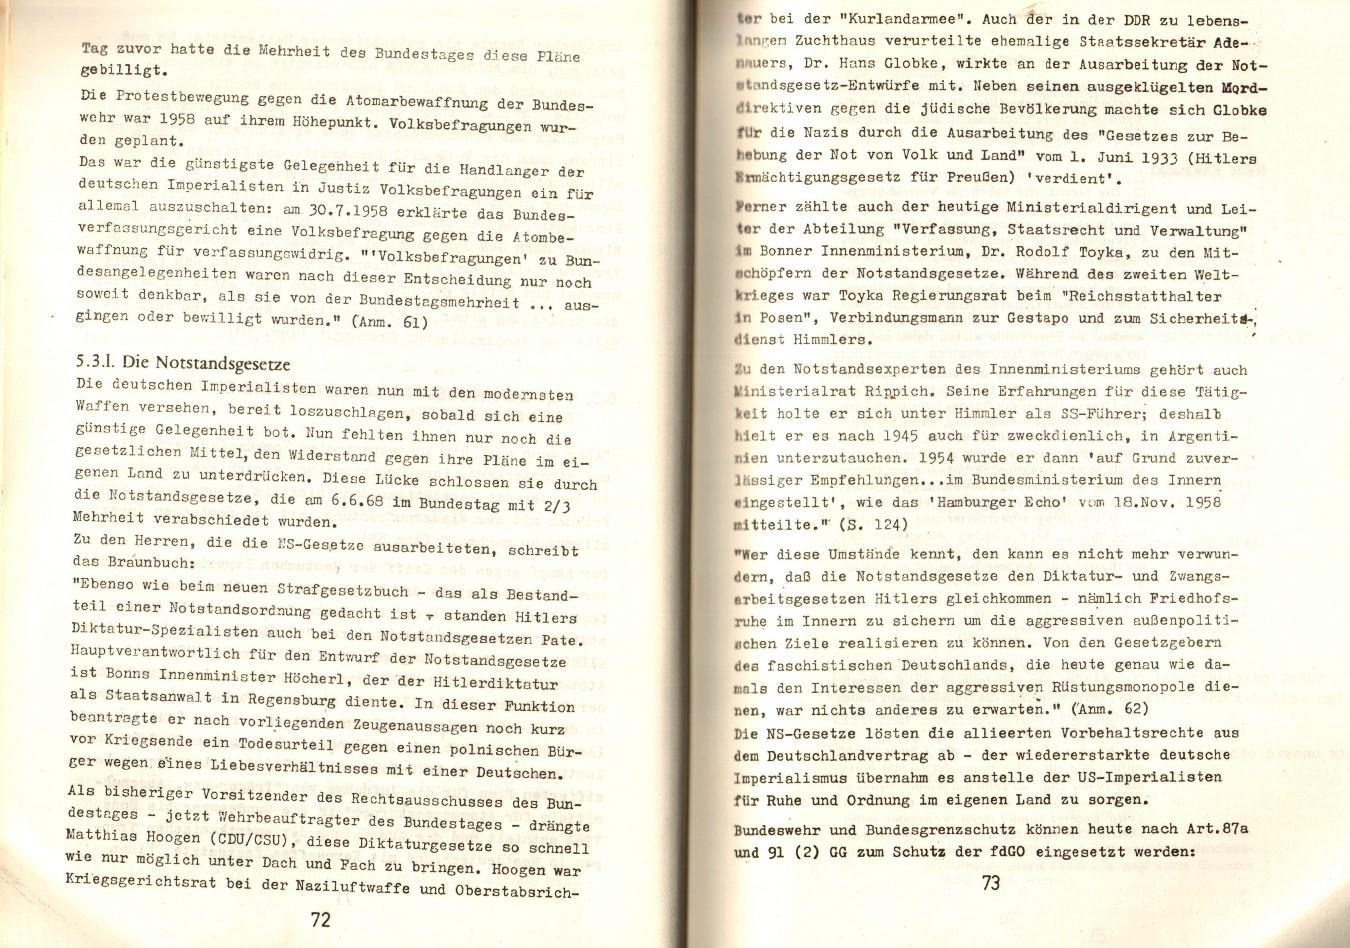 KHB_RSF_1974_25_Jahre_Grundgesetz_39